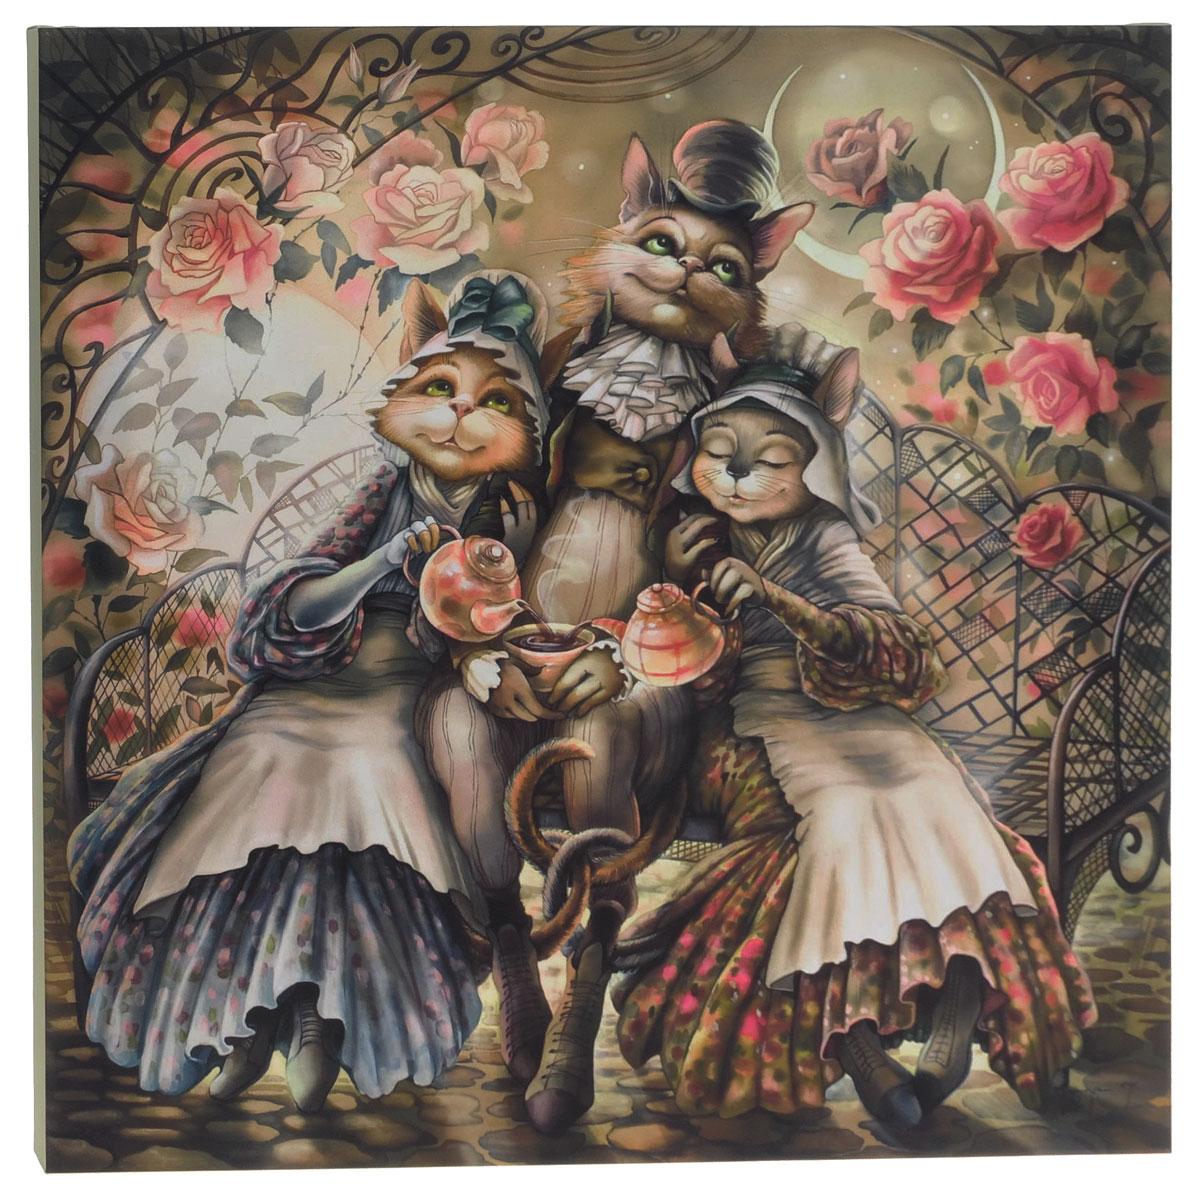 КвикДекор Картина детская Утренний чай8-913Картина КвикДекор Утренний чай художника Надежды Соколовой дополнит обстановку интерьера яркими красками и необычным оформлением.Изделие представляет собой картину с латексной печатью на натуральном хлопчатобумажном холсте. Галерейная натяжка на деревянный подрамник выполнена очень аккуратно, а боковые части картины запечатаны тоновой заливкой. Обратная сторона подрамника содержит отверстие, благодаря которому картину можно легко закрепить на стене и подкорректировать ее положение.Художник картины Надежда Соколова родилась в 1973 году в городе Дрездене. В 1986-90 годах училась в Художественной школе города Новгорода. В 1995 году окончила с отличием рекламное отделение Новгородского училища культуры. В 2000 году защитила диплом на факультете Искусств и Технологий НовГУ имени Ярослава Мудрого. Выставляется с 1996 года. Работает в техниках: живопись, графика, батик, лаковая миниатюра, авторская кукла. Является автором оригинального стиля в миниатюре. Картина Утренний чай станет отличным украшением для вашего интерьера!